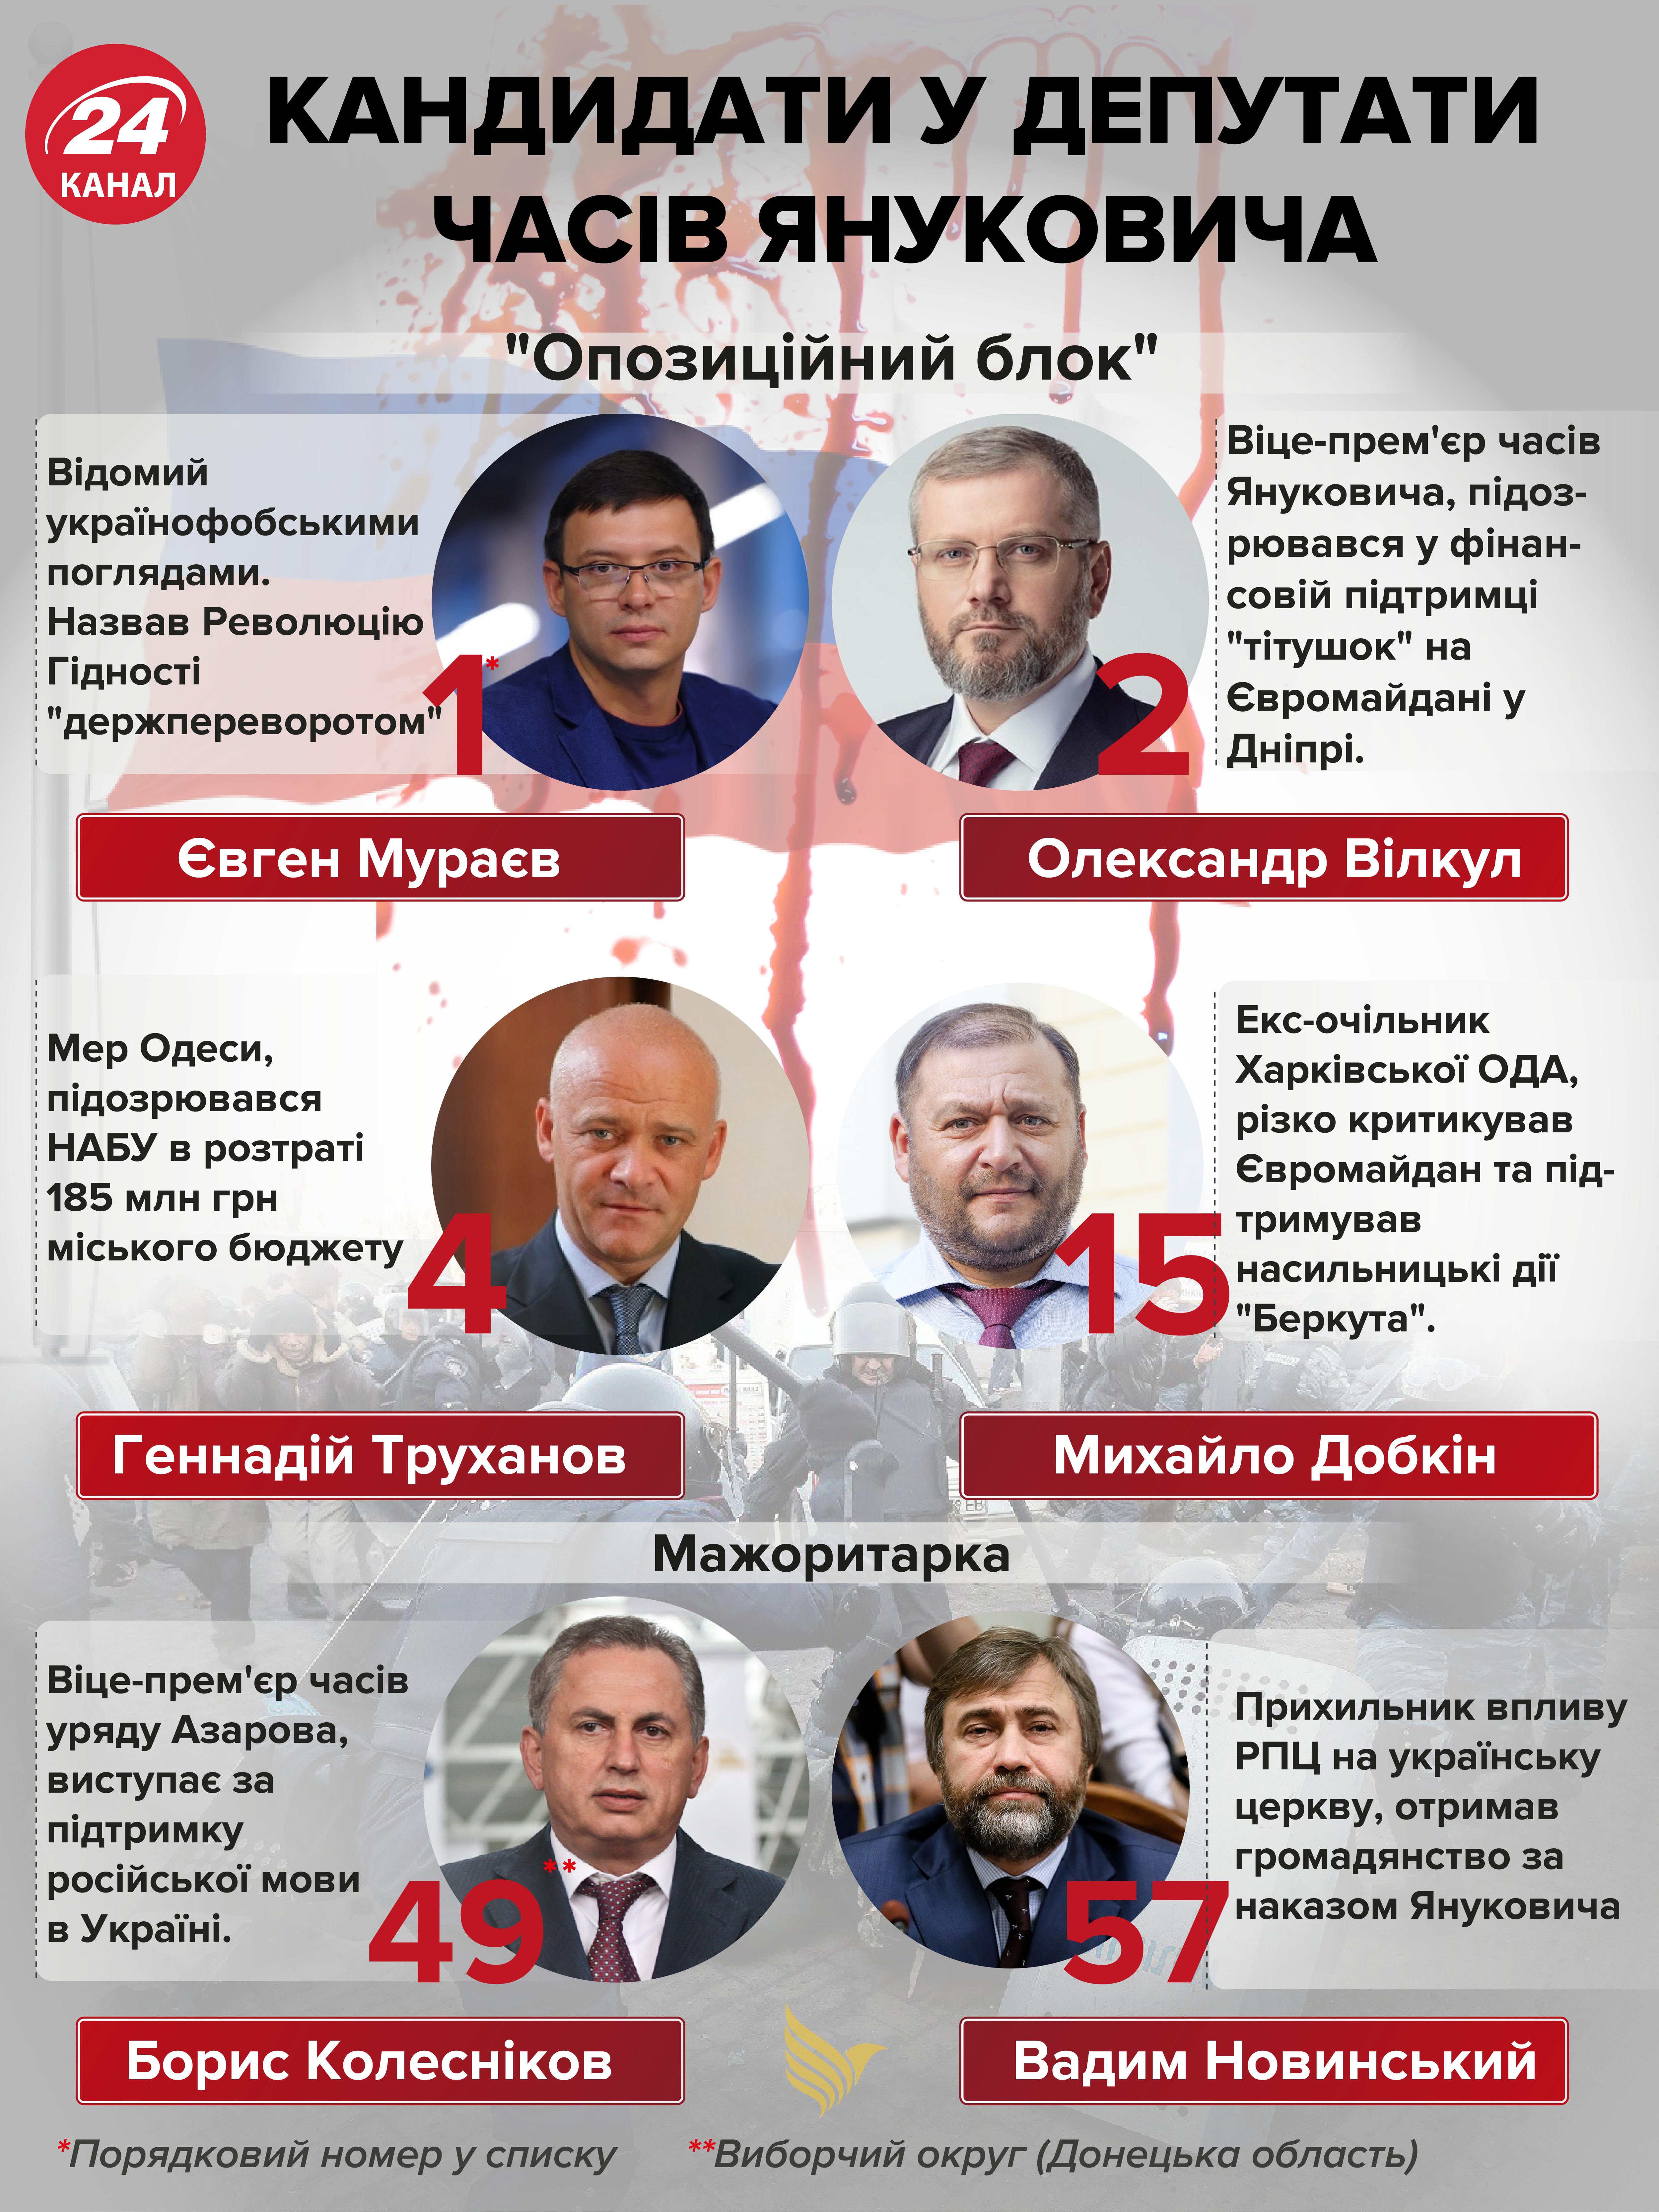 кандидати у депутати часів януковича інфографіка